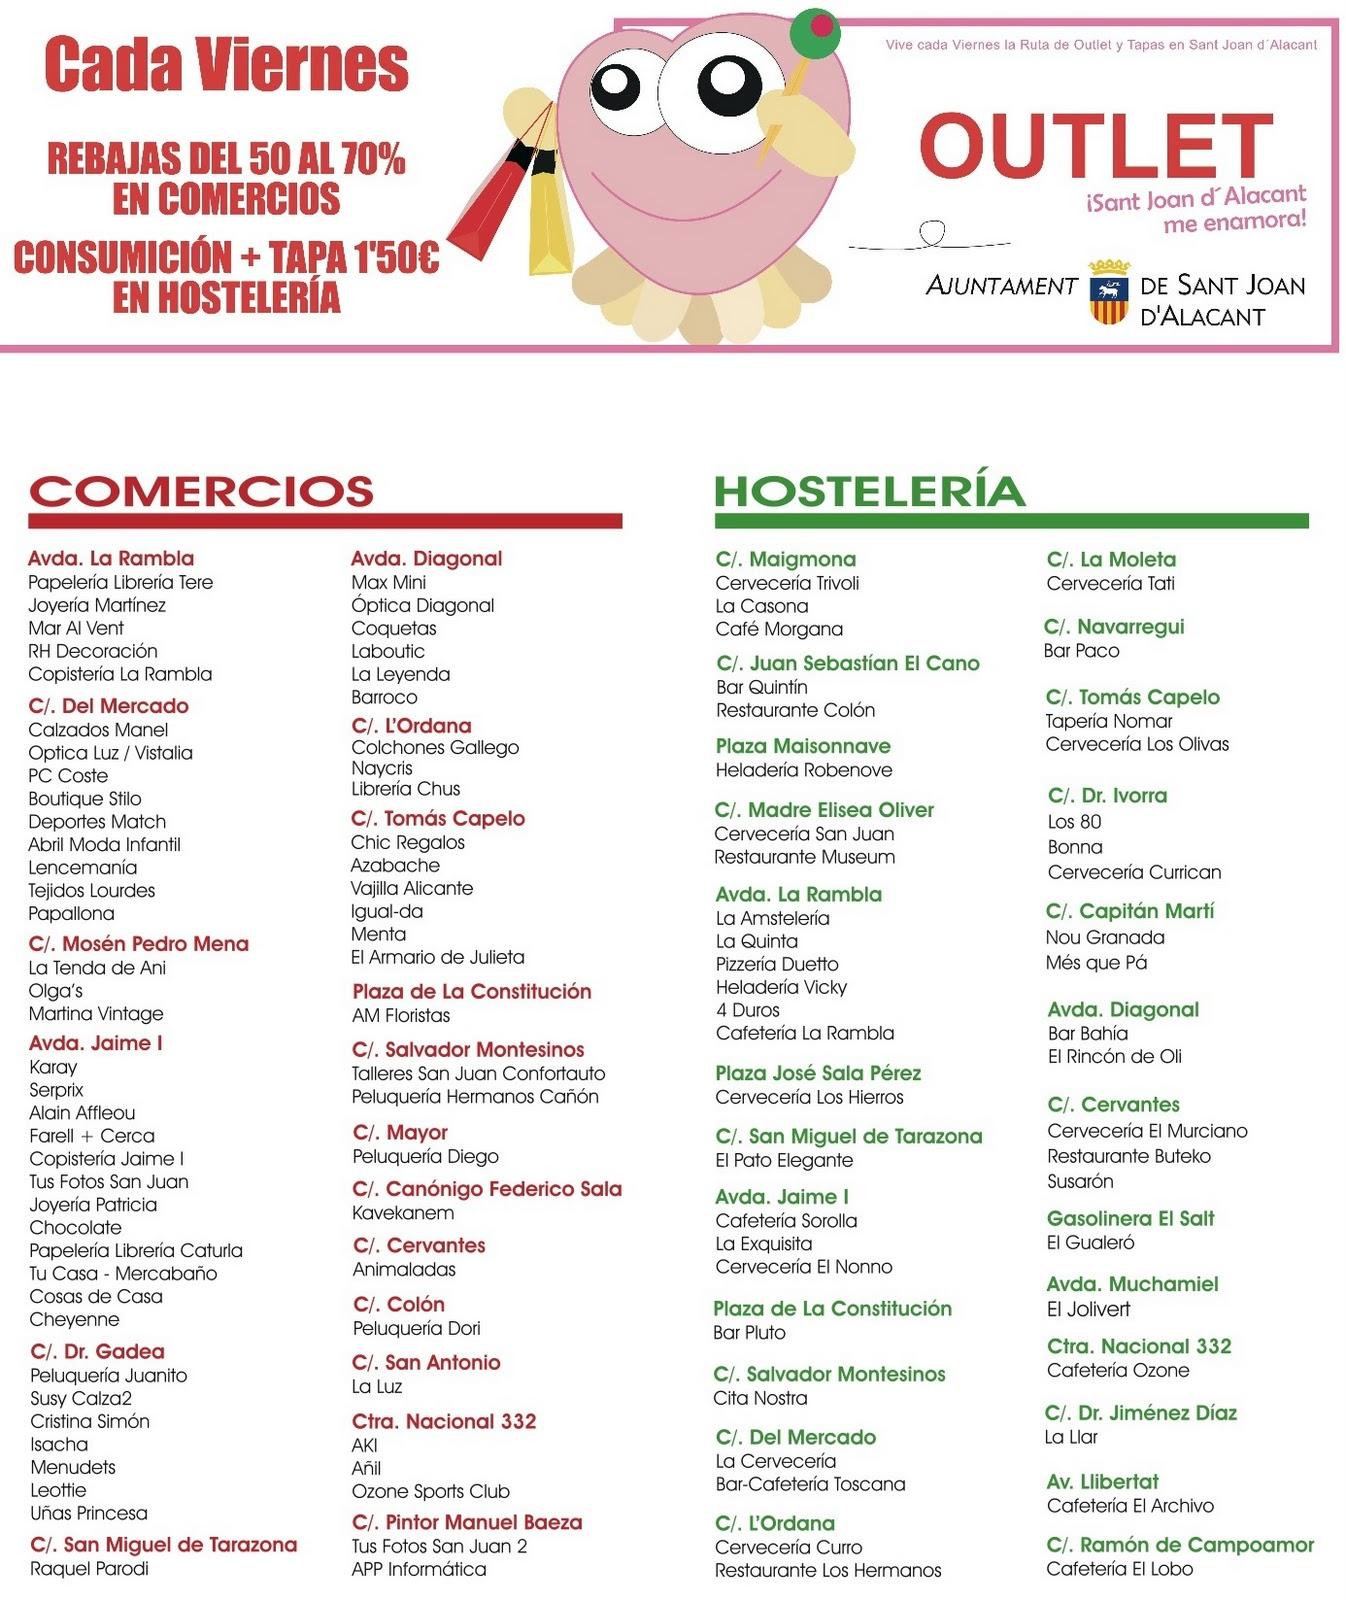 hosteleria formato lista precio: